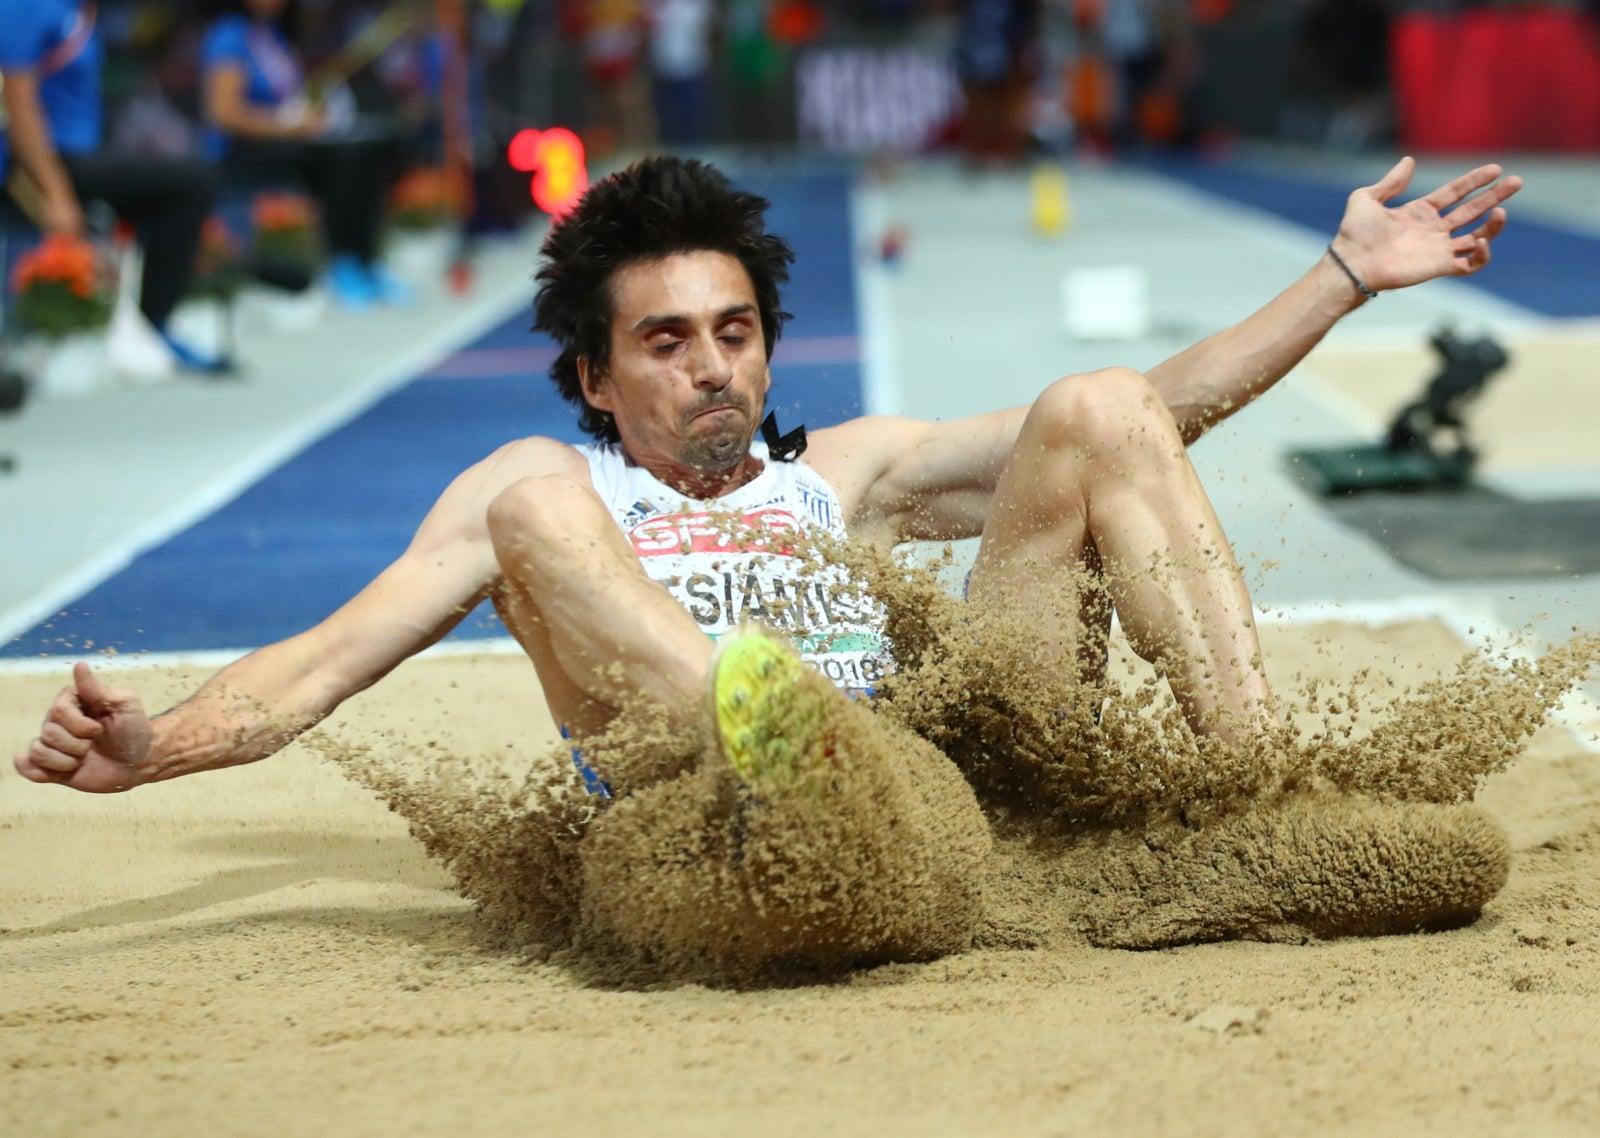 Mistrzostwa Europy w lekkoatletyce fot. EPA/HAYOUNG JEON